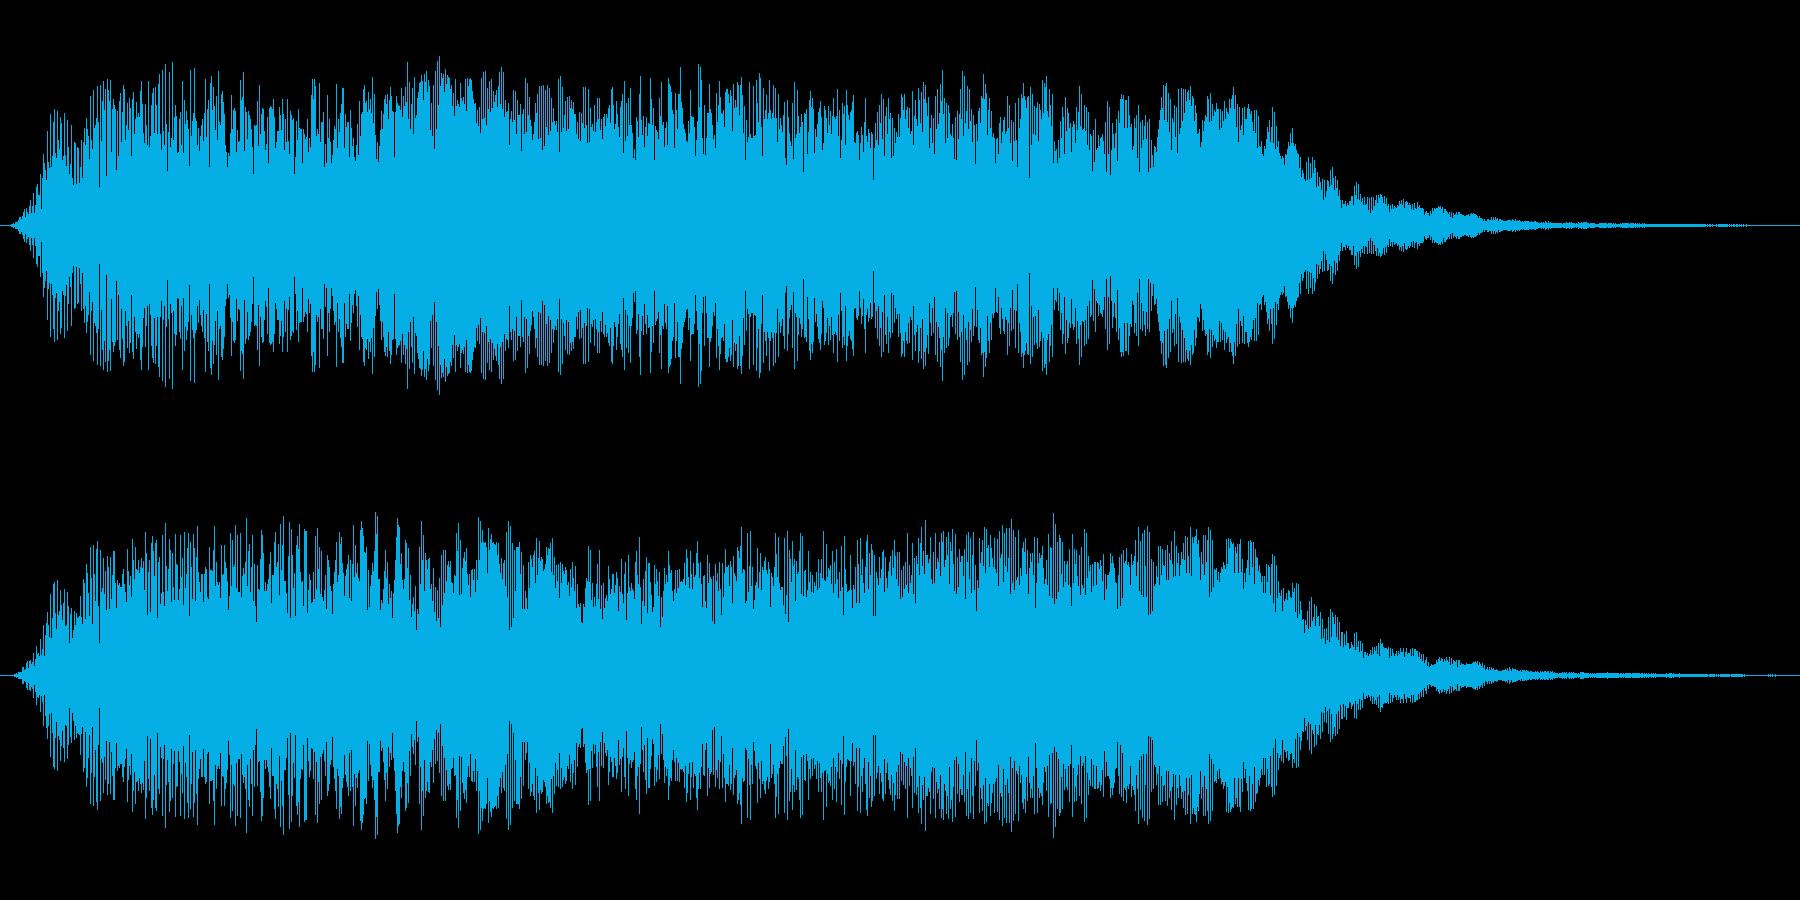 壮大なシンセサイザーのオープニング効果音の再生済みの波形